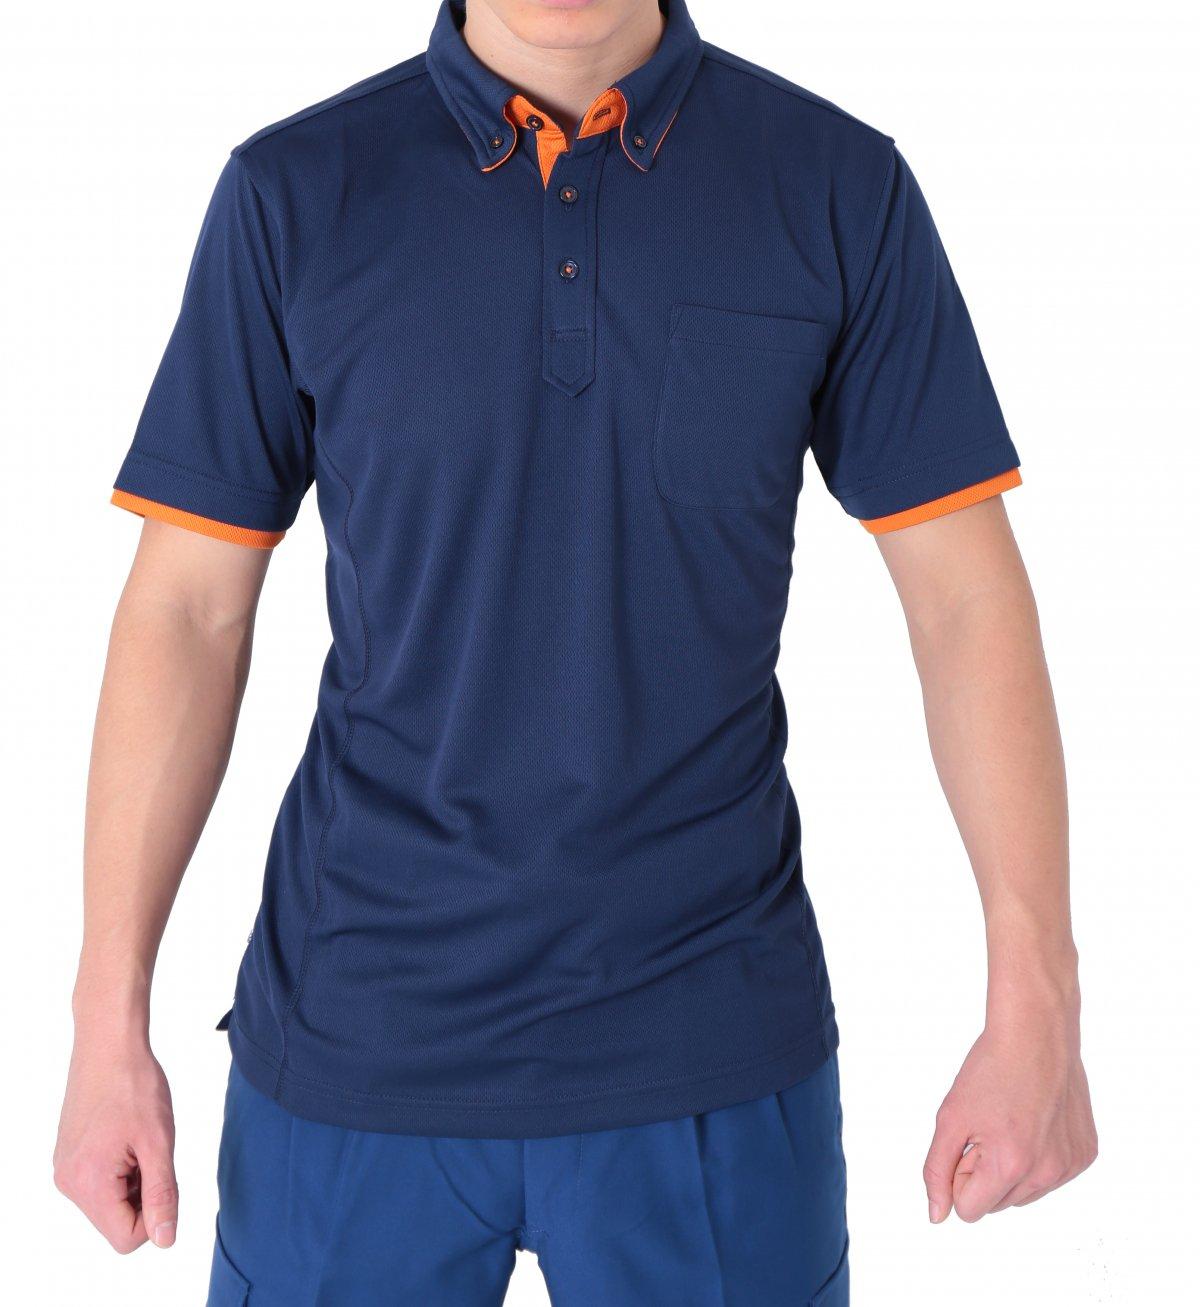 消防ポロシャツ(半袖 消臭機能付き)